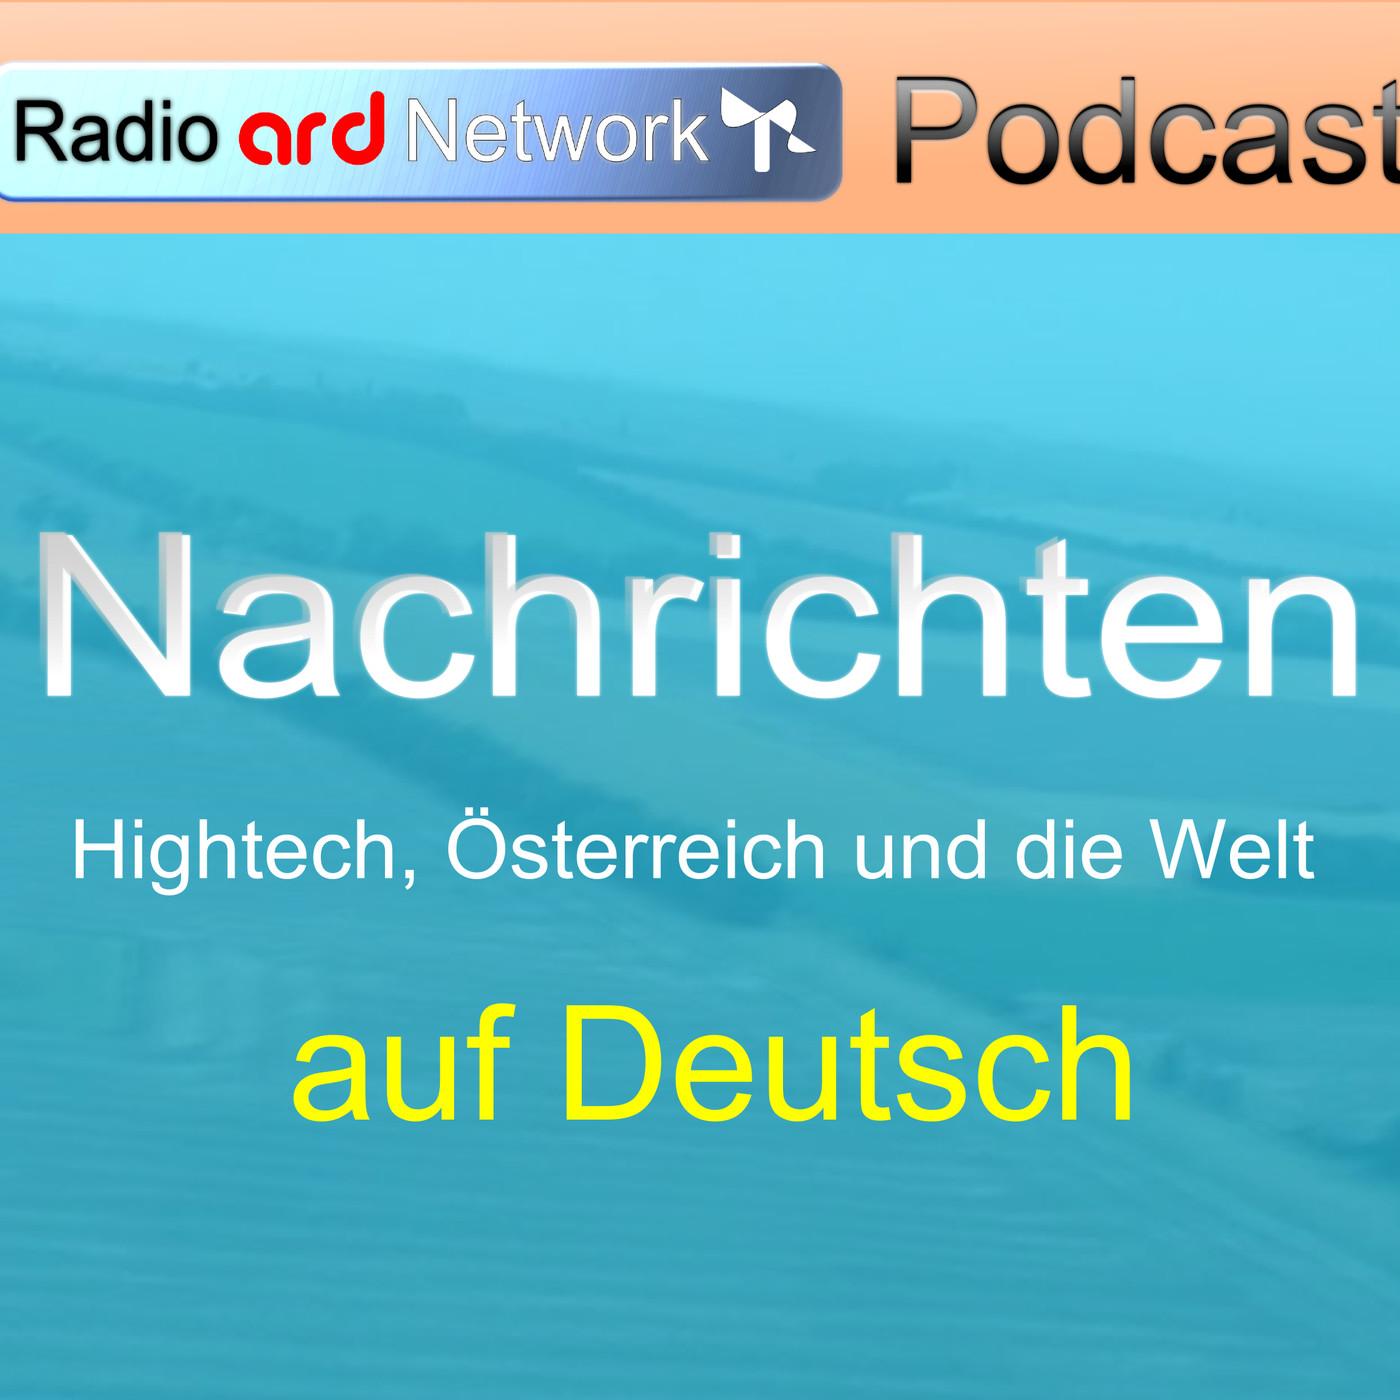 21-10-2020 02H00 - Nachrichten auf Deutsch